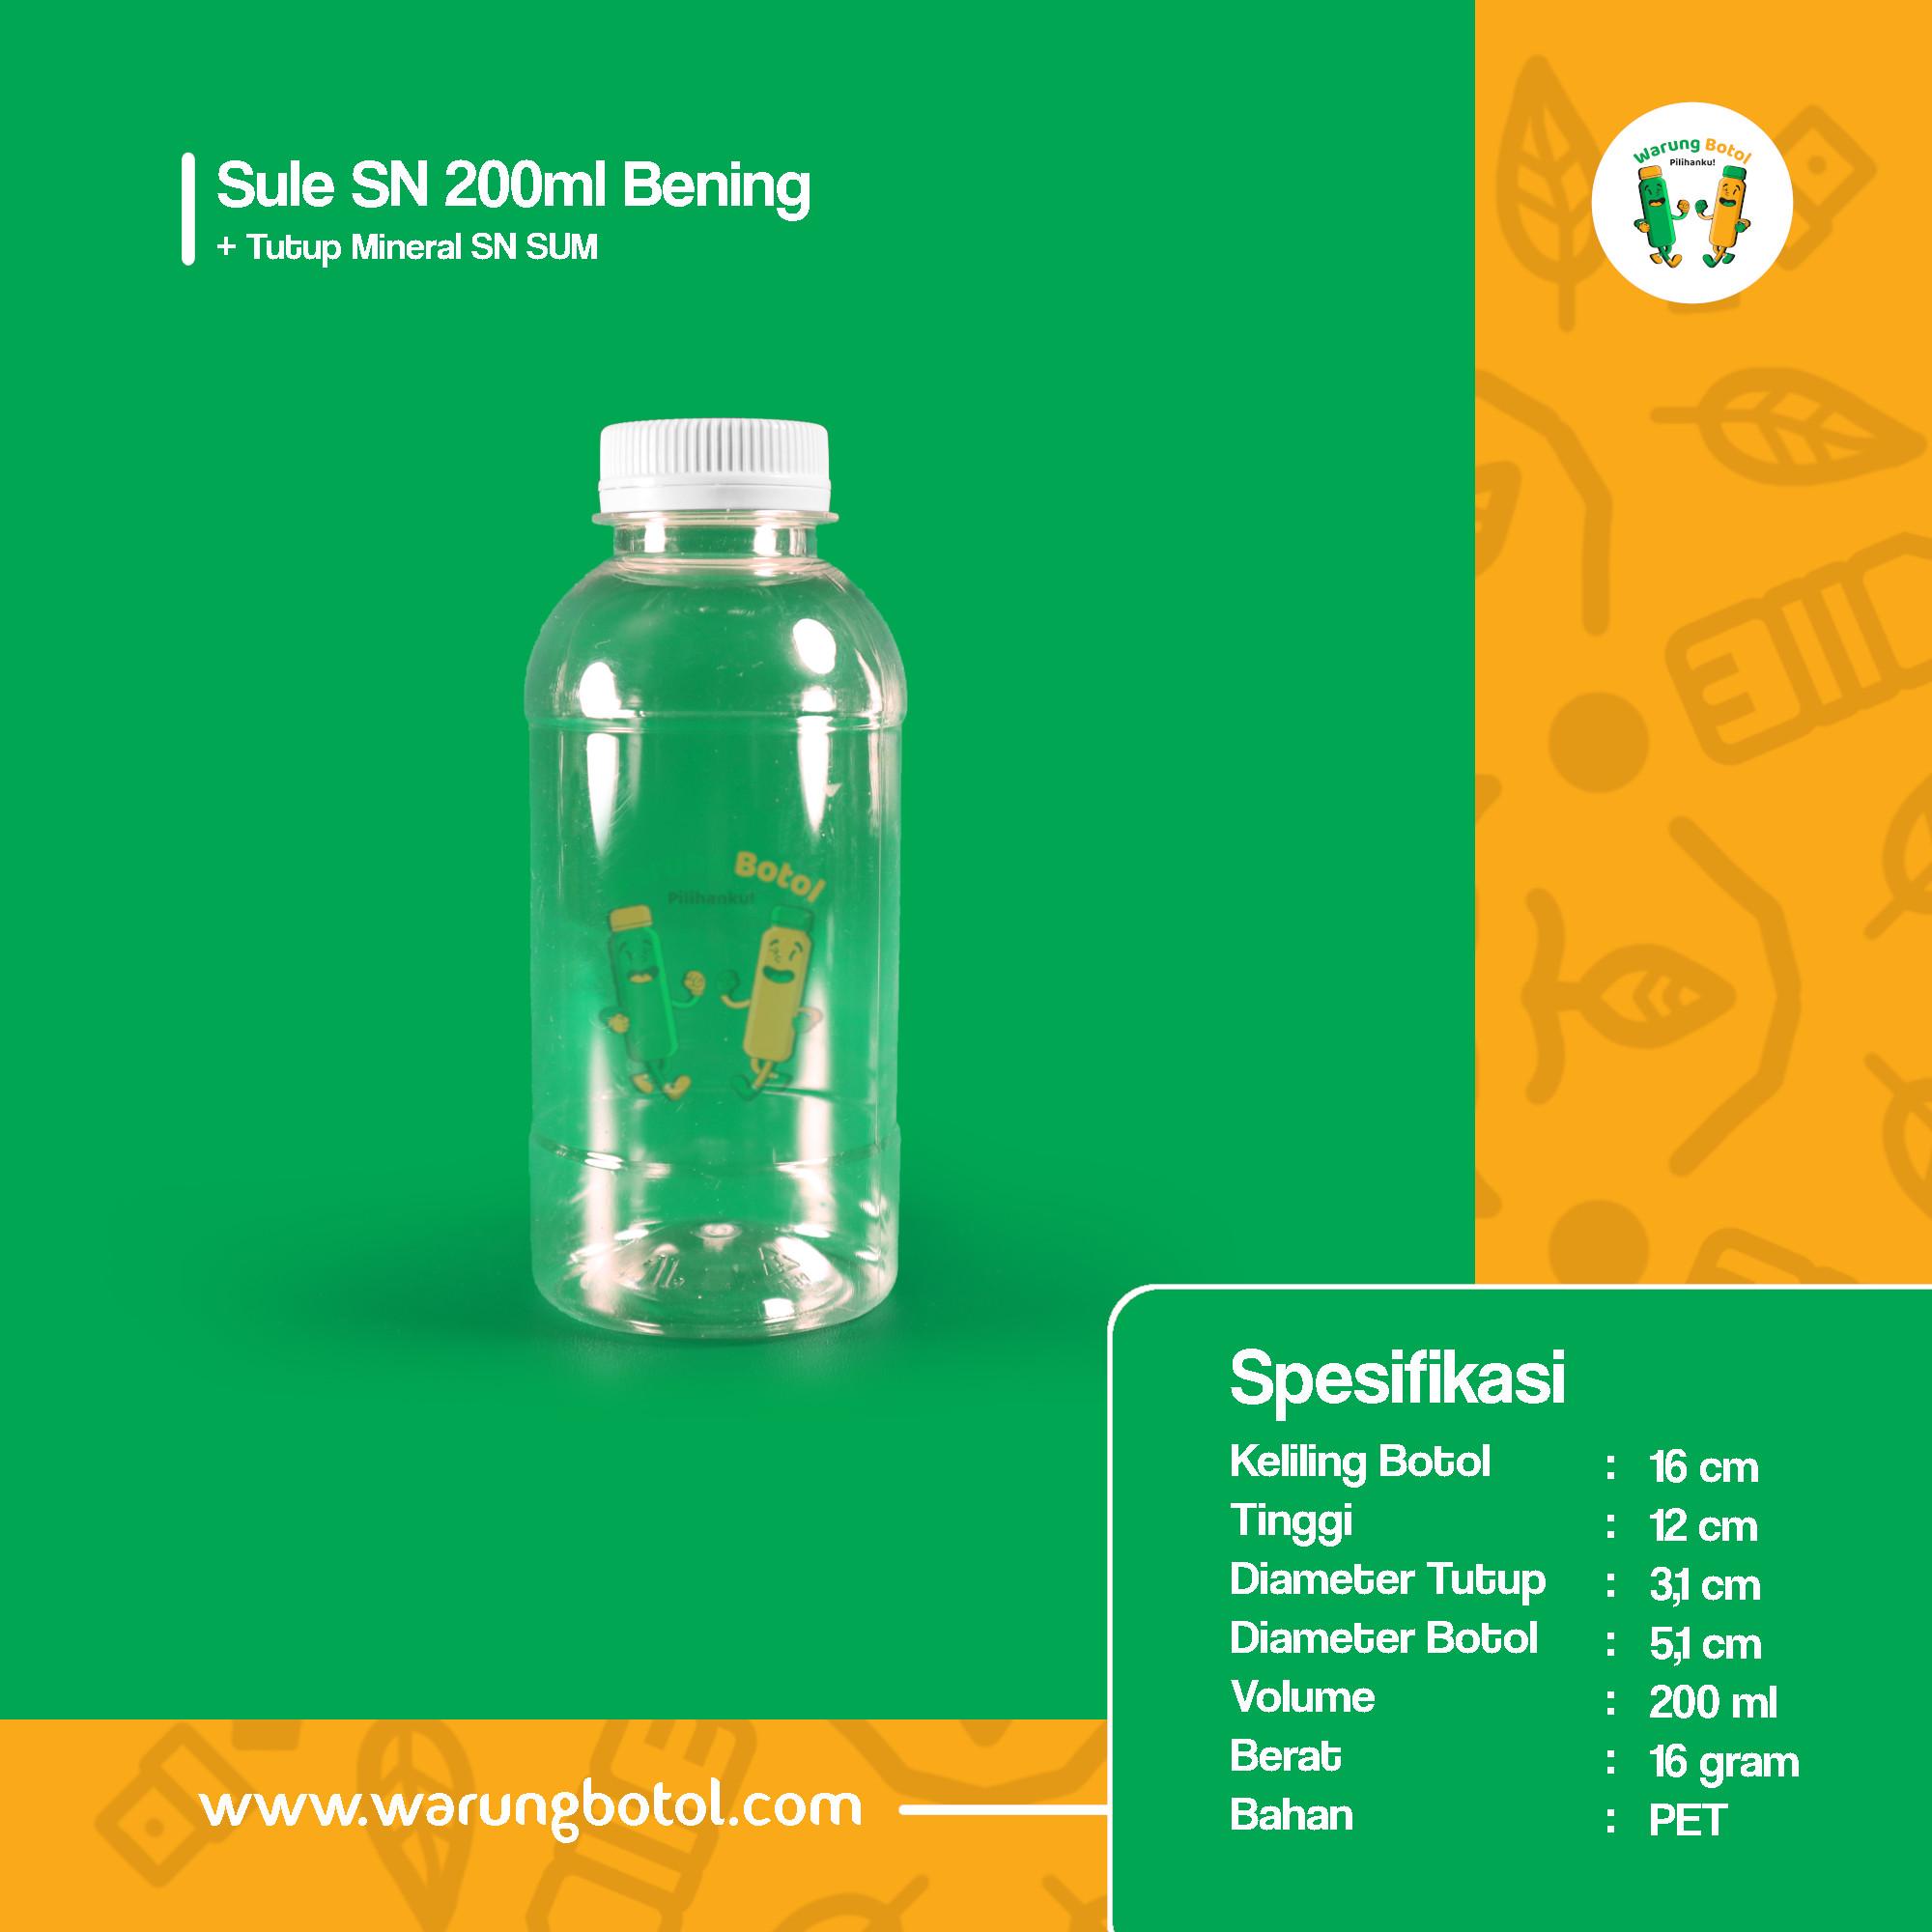 distributor jual botol palastik murah dan unik 200ml untuk kopi, sirup, jus, minuman, susu soda boba terdekat di bandung jakarta bekasi bogor